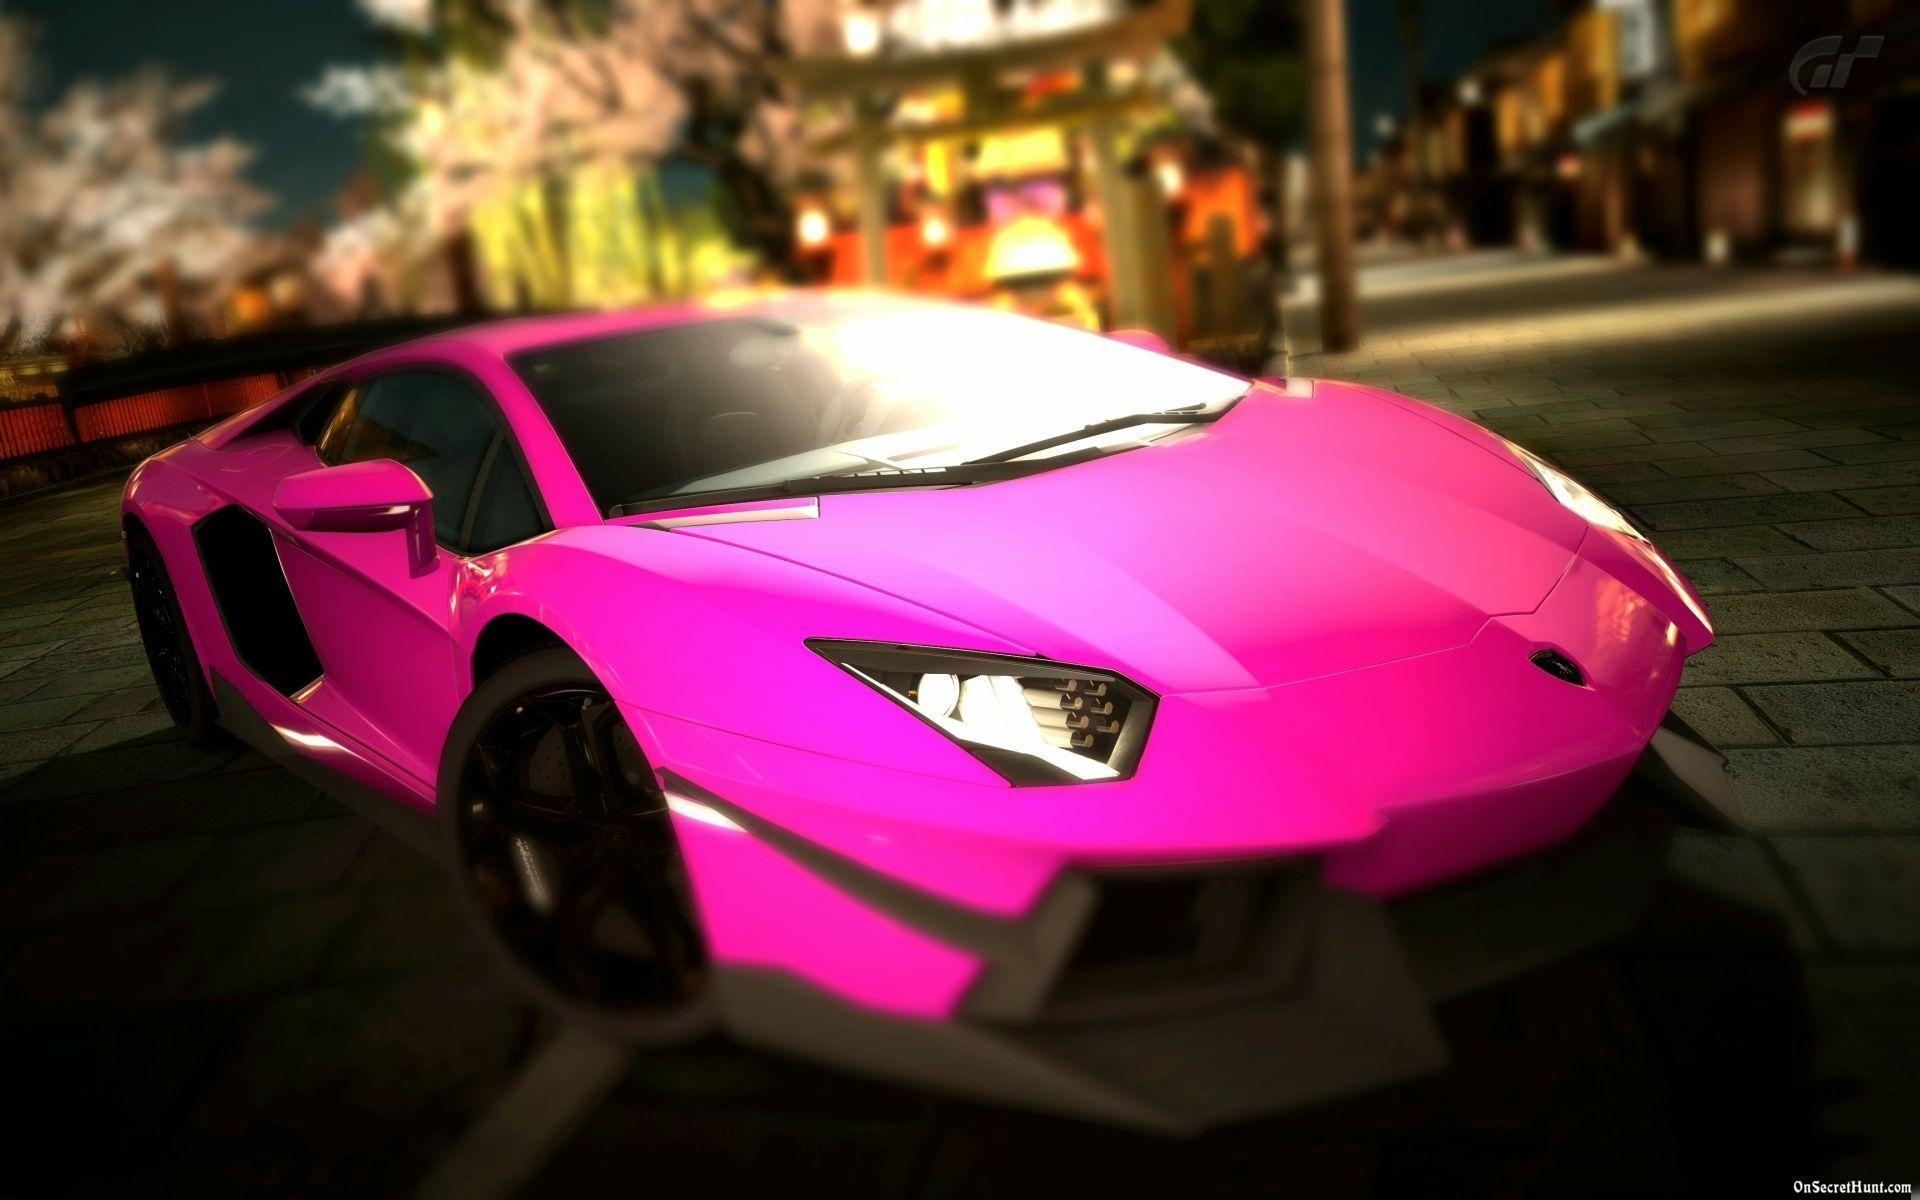 Pink Lamborghini Wallpapers Wallpaper Cave